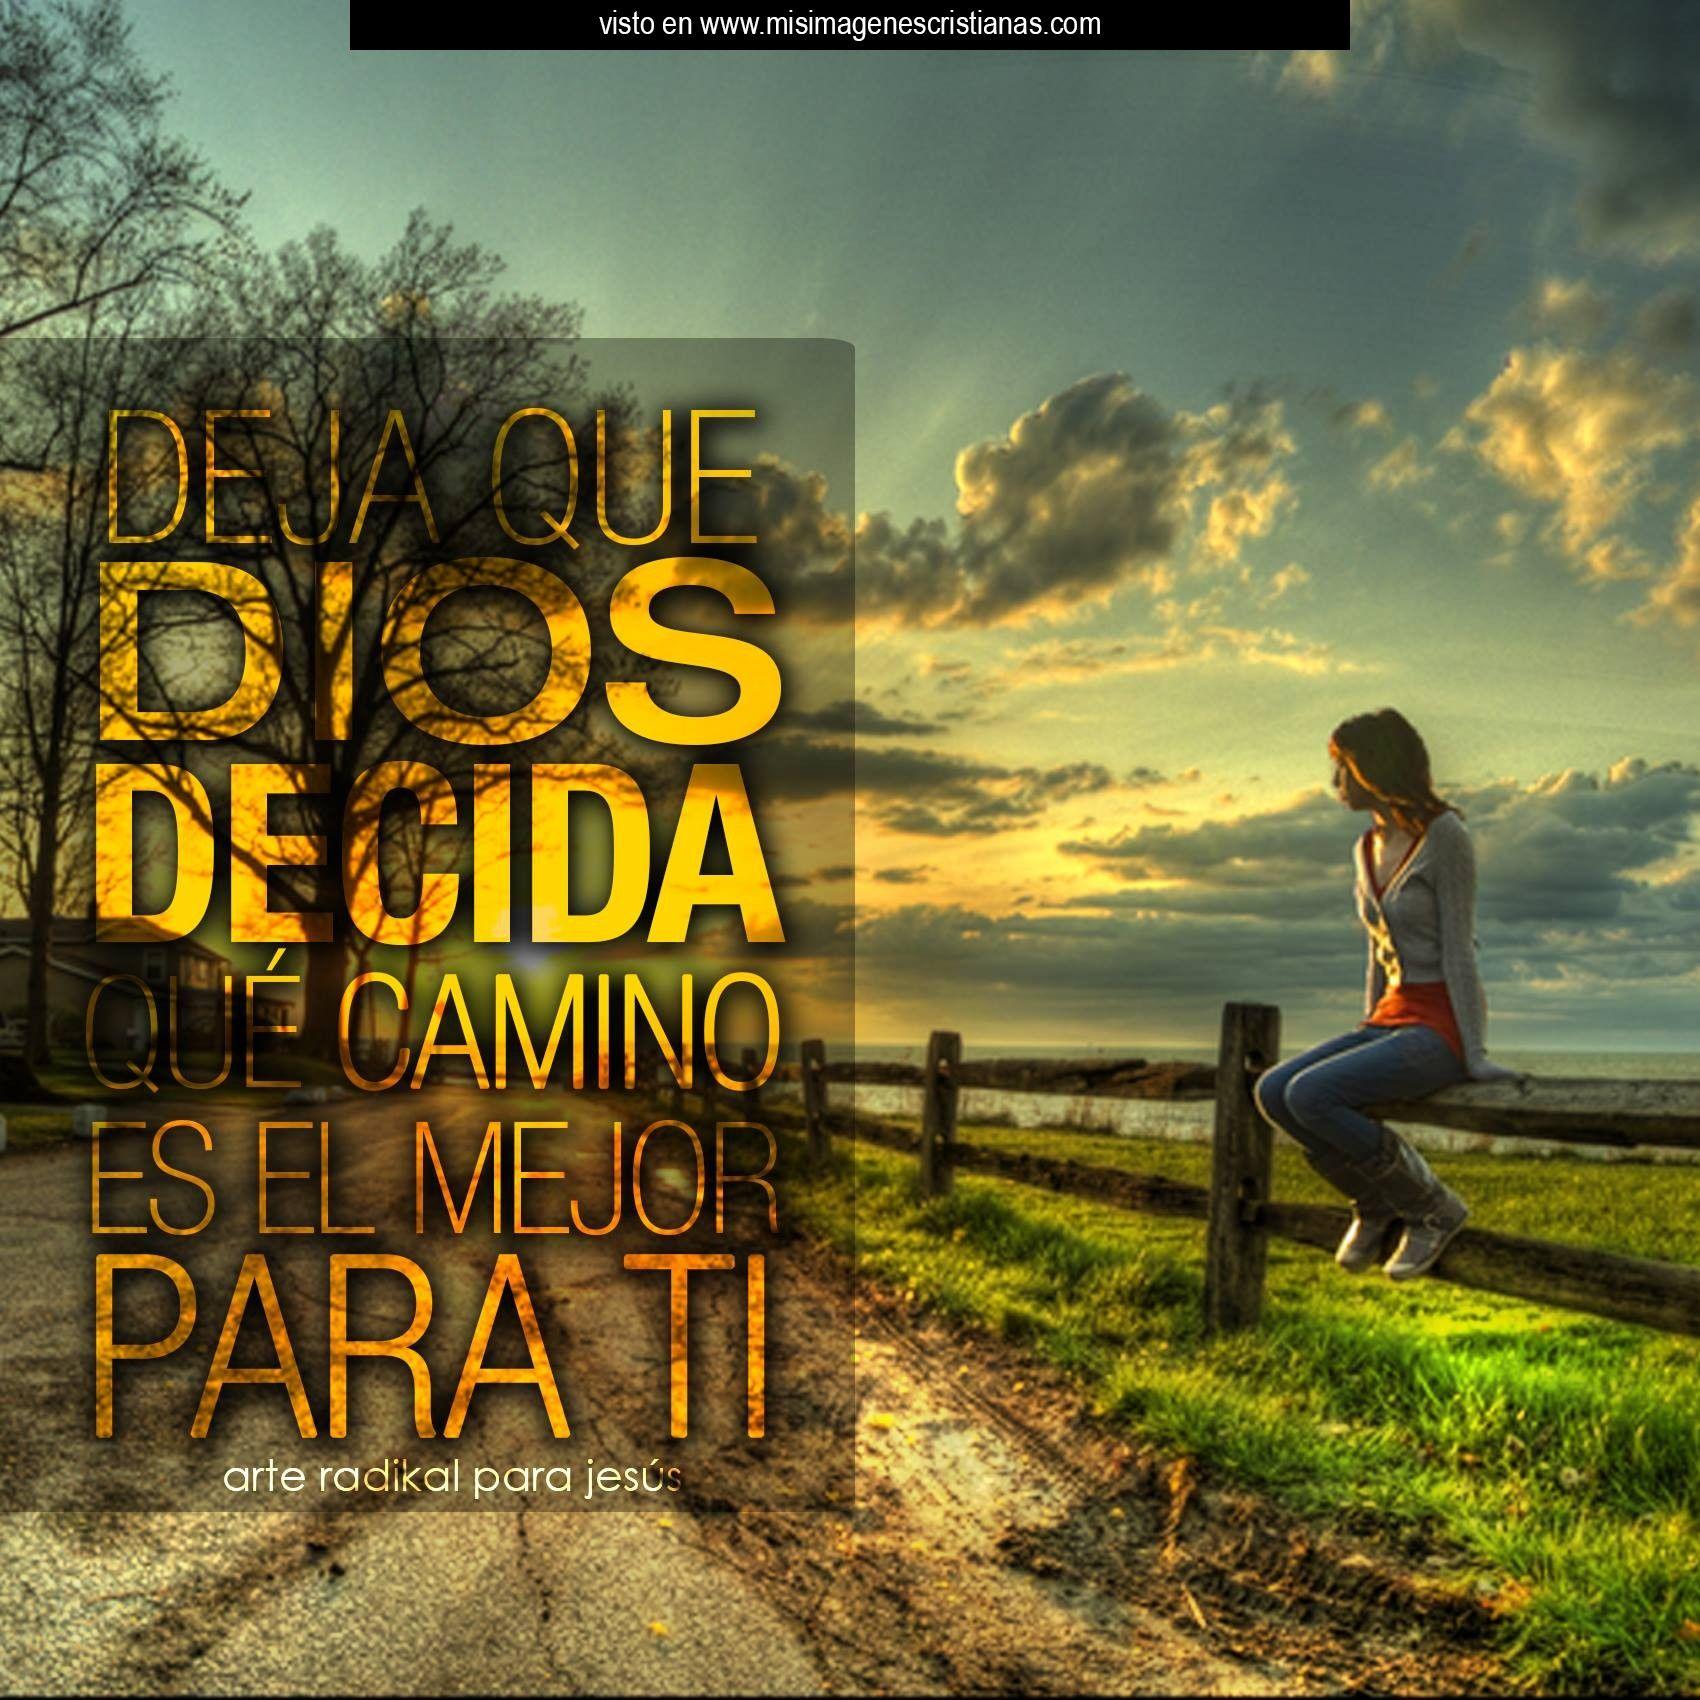 Imágenes Cristianas De Animo